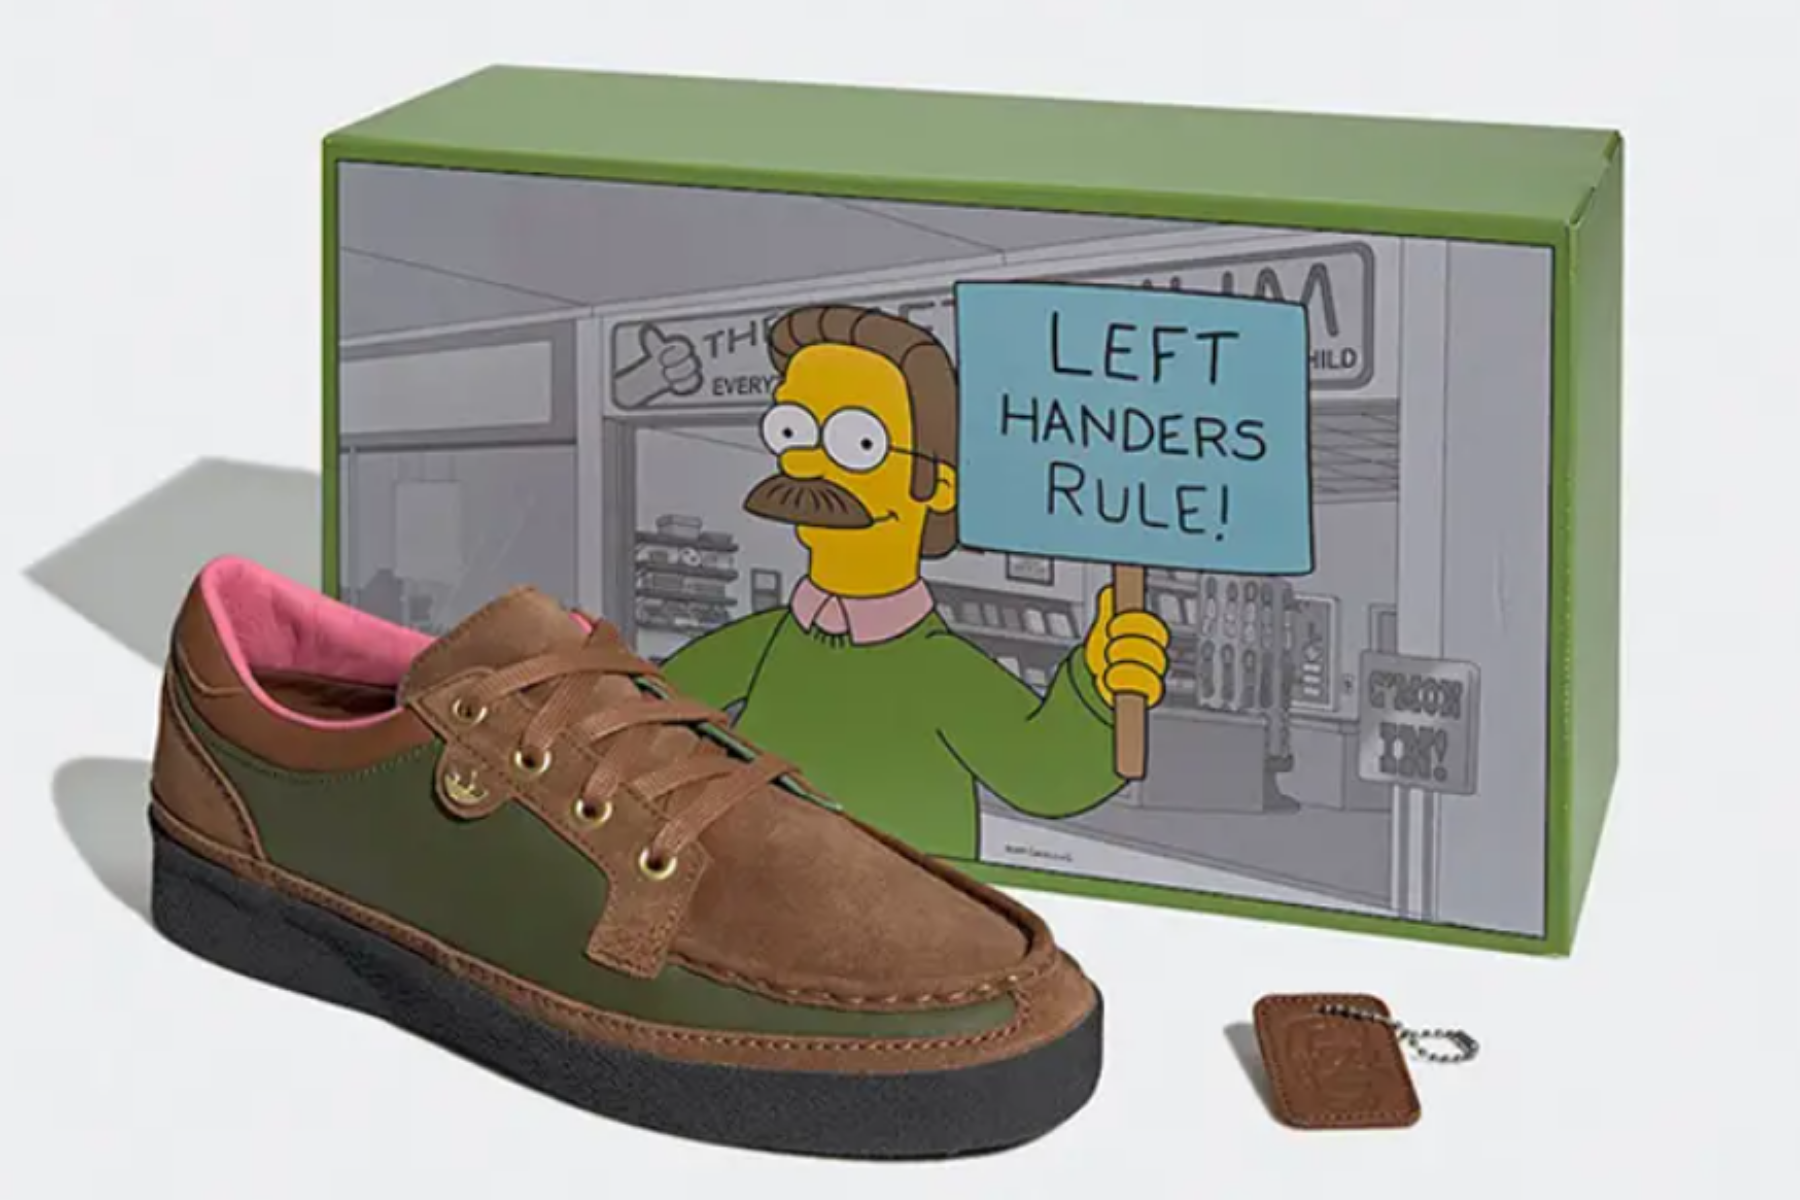 Adidas celebra a Ned Flanders de Los Simpson con nuevas zapatillas: cómo comprar